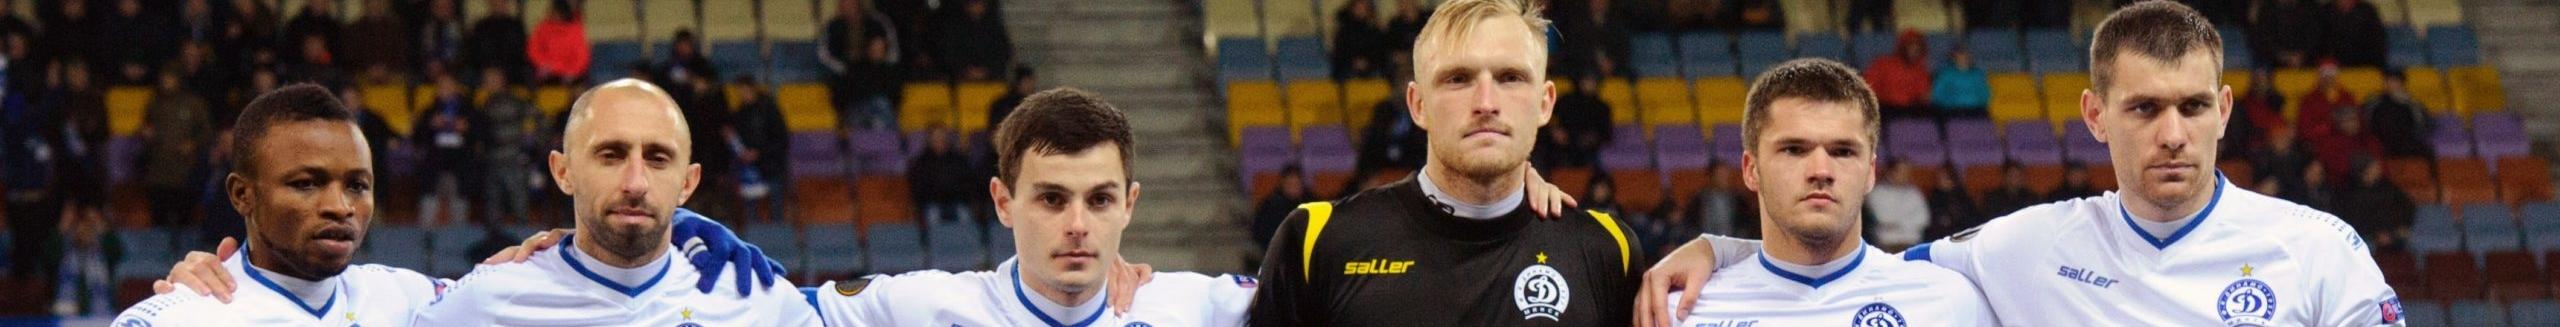 FC Minsk-Dinamo Minsk, è subito derby: analisi quote e scommesse